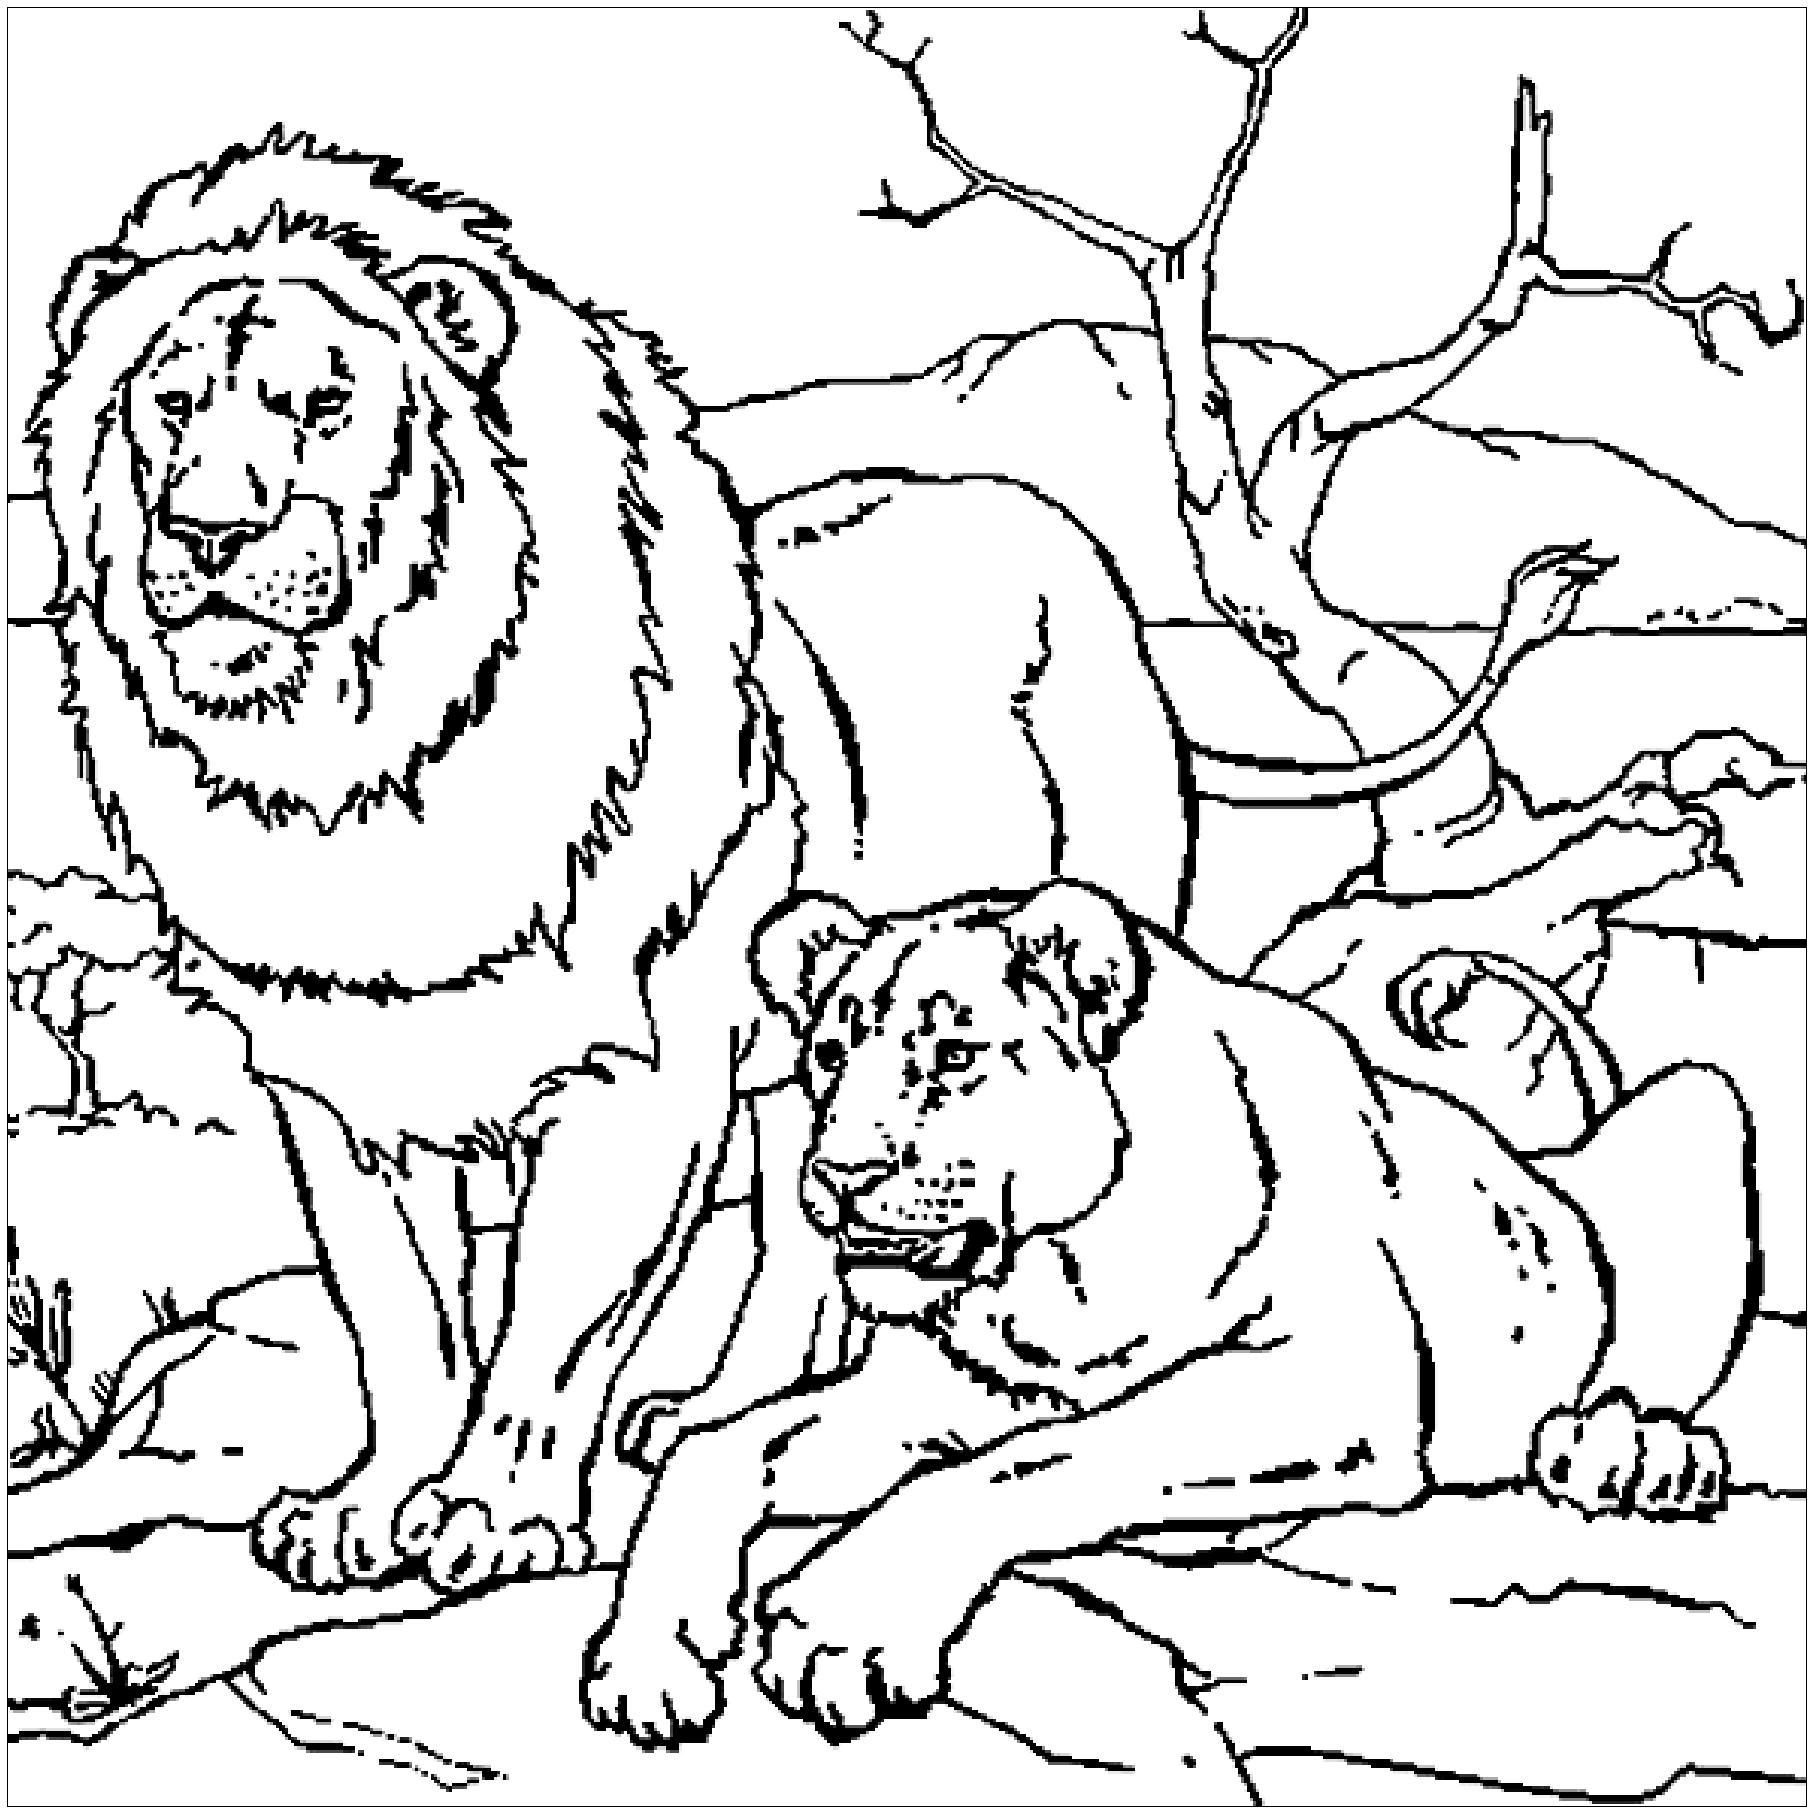 Tête de lion de profil - Coloriage de lions - Coloriages ...